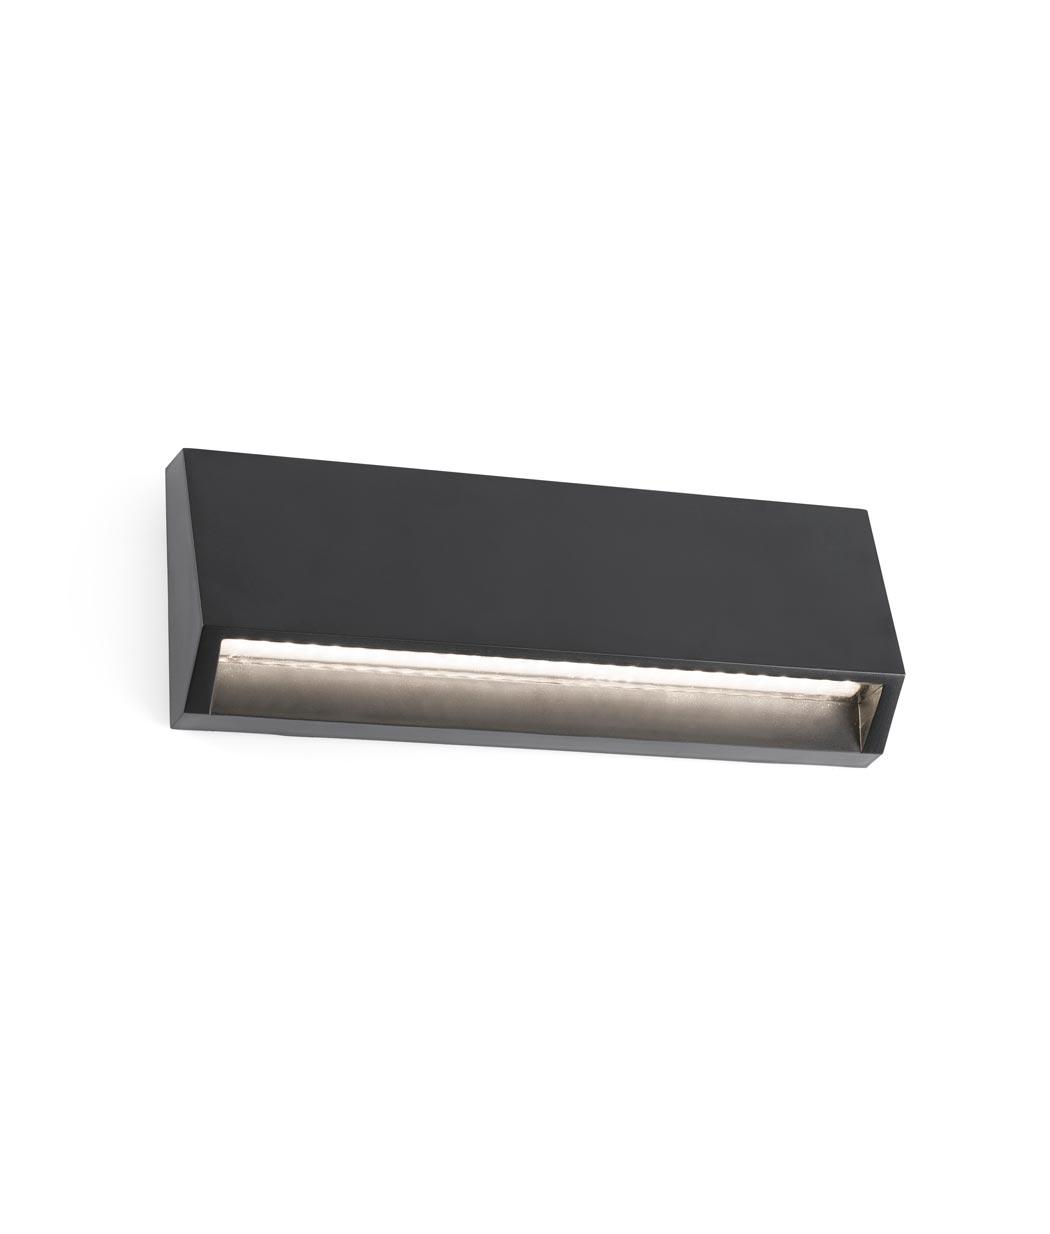 Lampara para exteriores casas lmpara solar de jardn color for Aplique exterior solar led